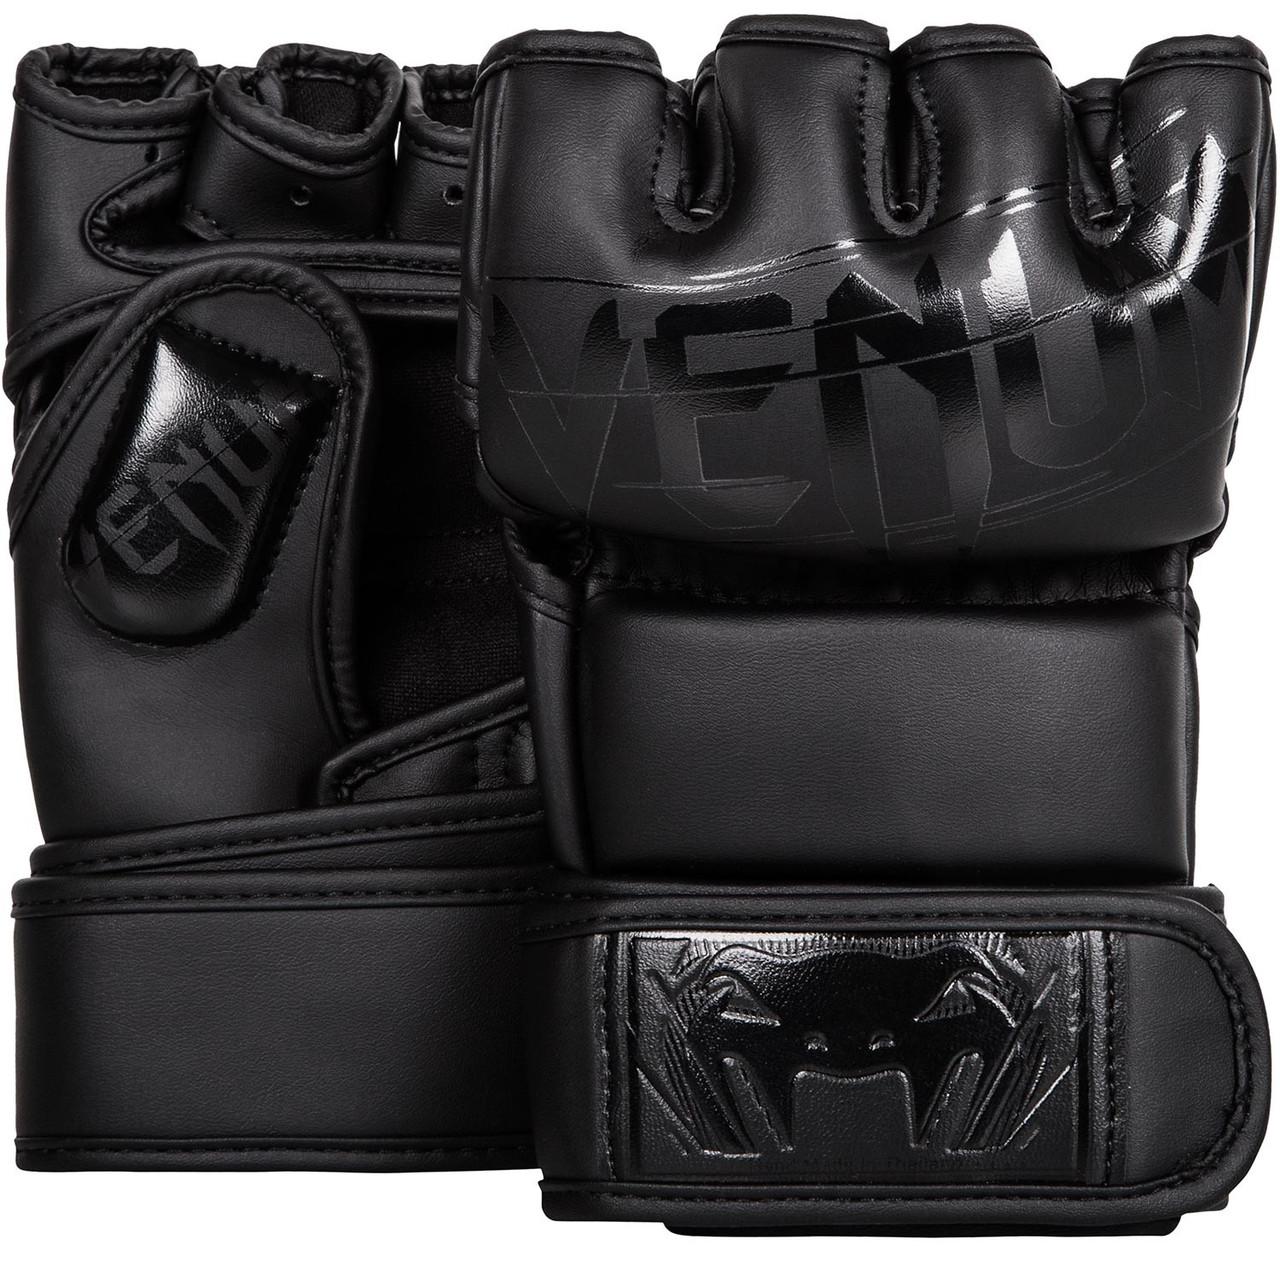 Перчатки MMA Venum Undisputed 2.0 Skintex Leather - Mate Black